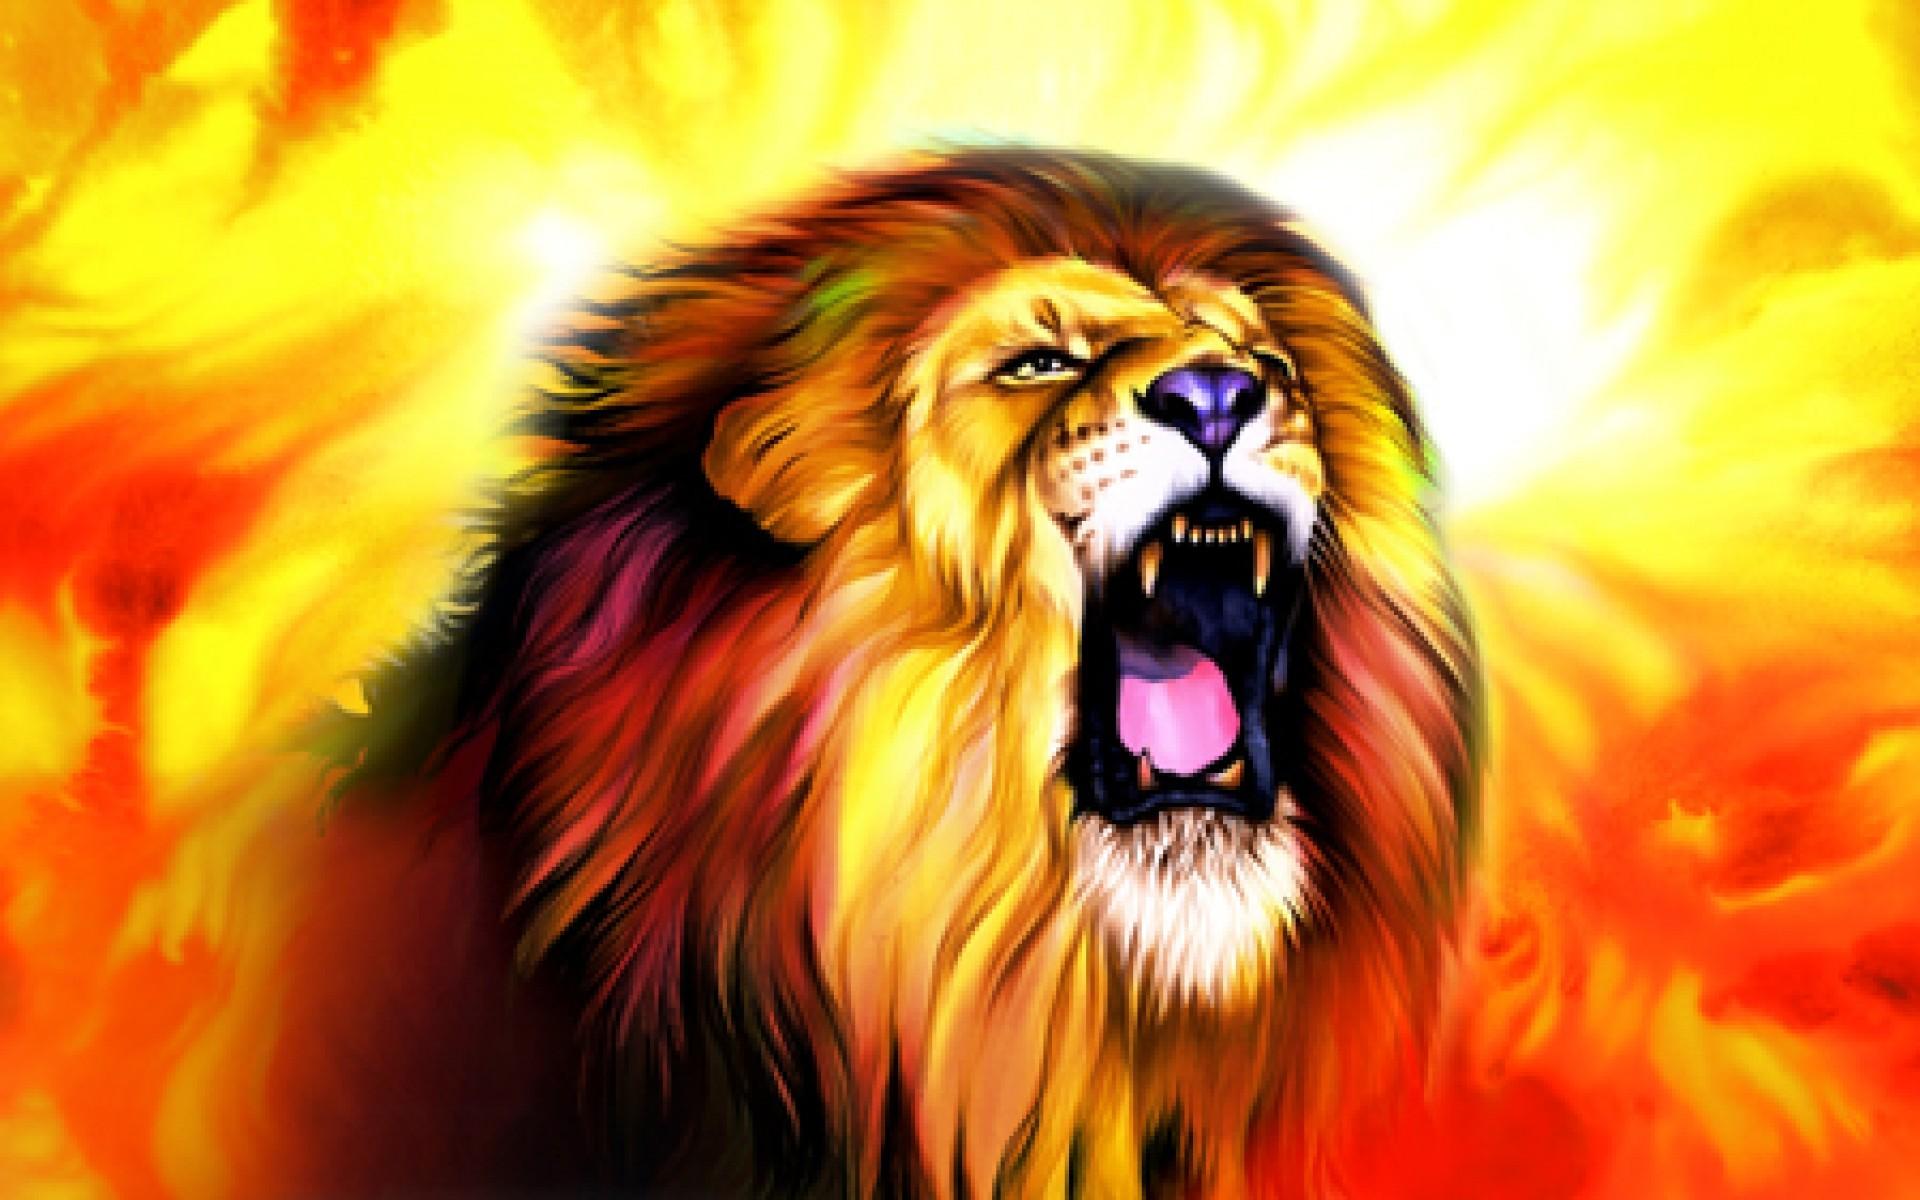 Male Lion Faces Wallpaper